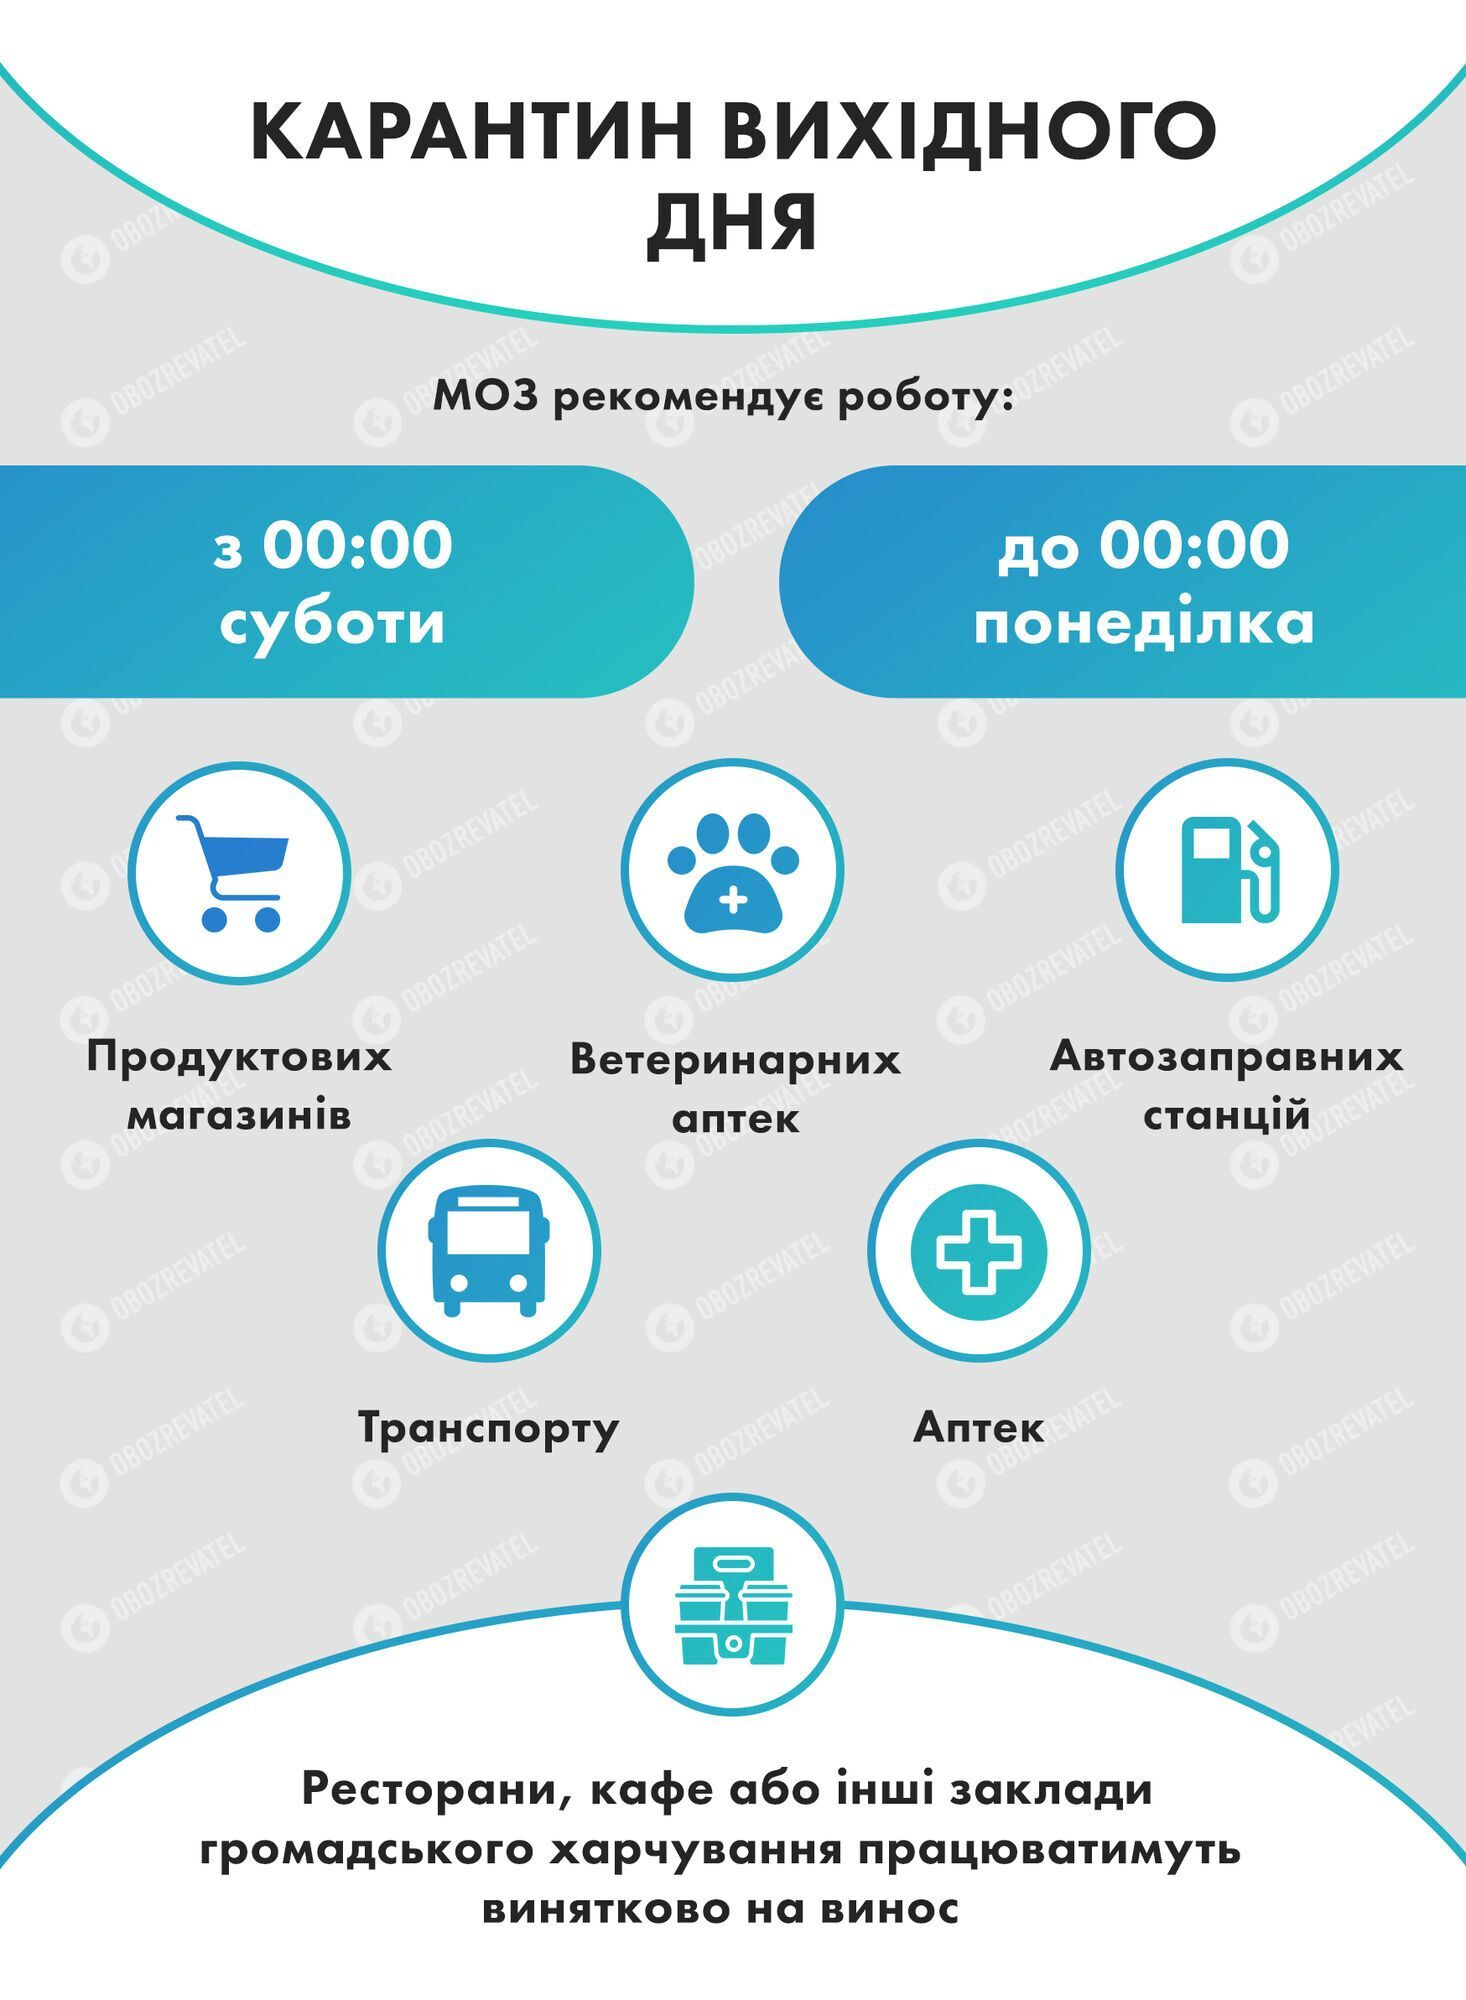 Що працюватиме в Україні в карантин вихідного дня